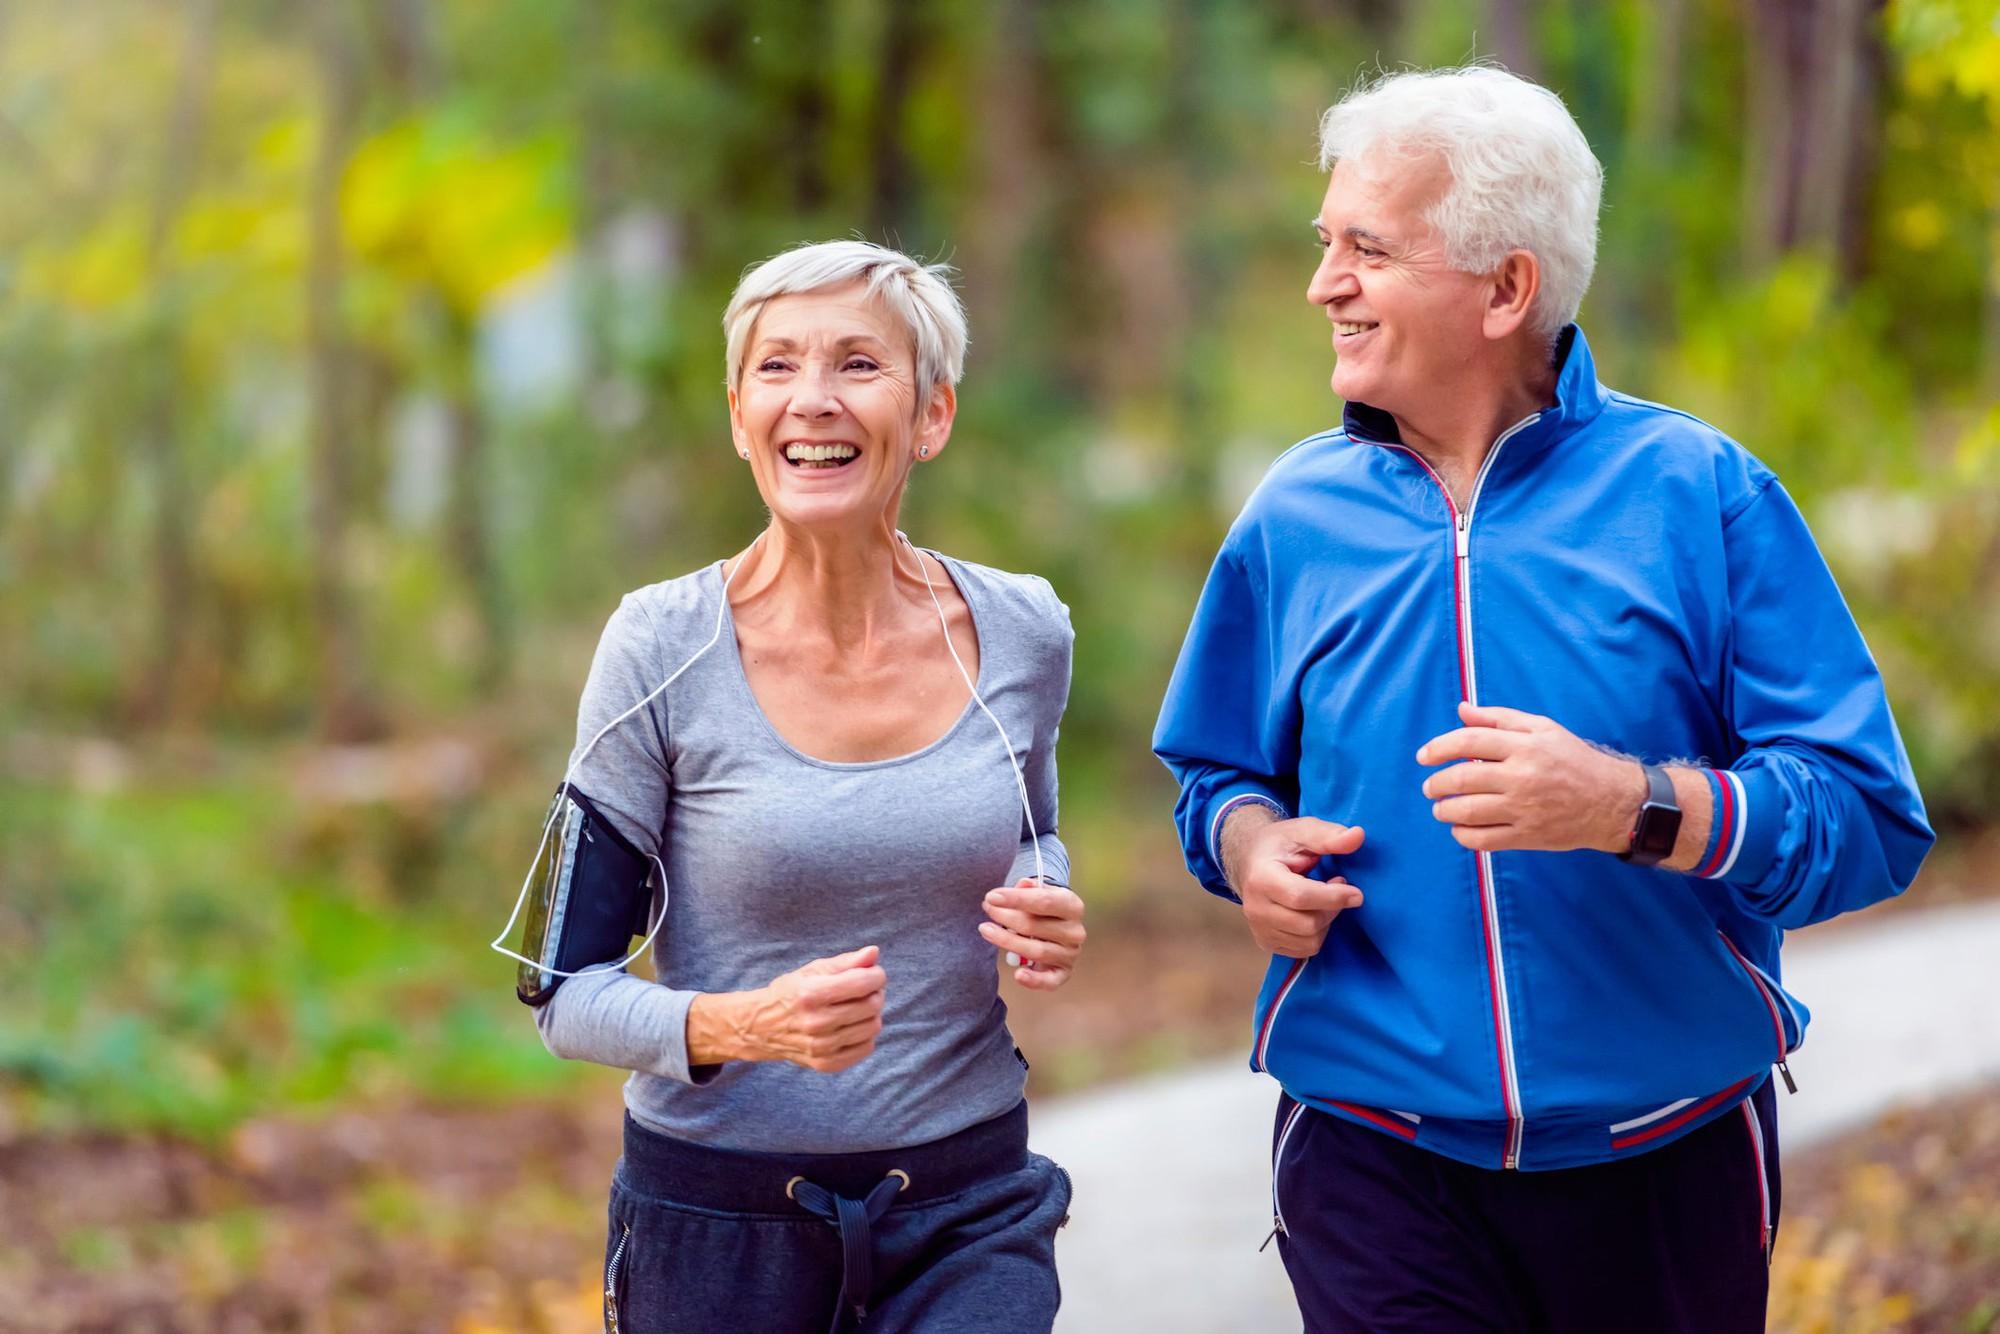 Kalp hastalıklarını önlemeye yardımcı olacak altın kurallar #1